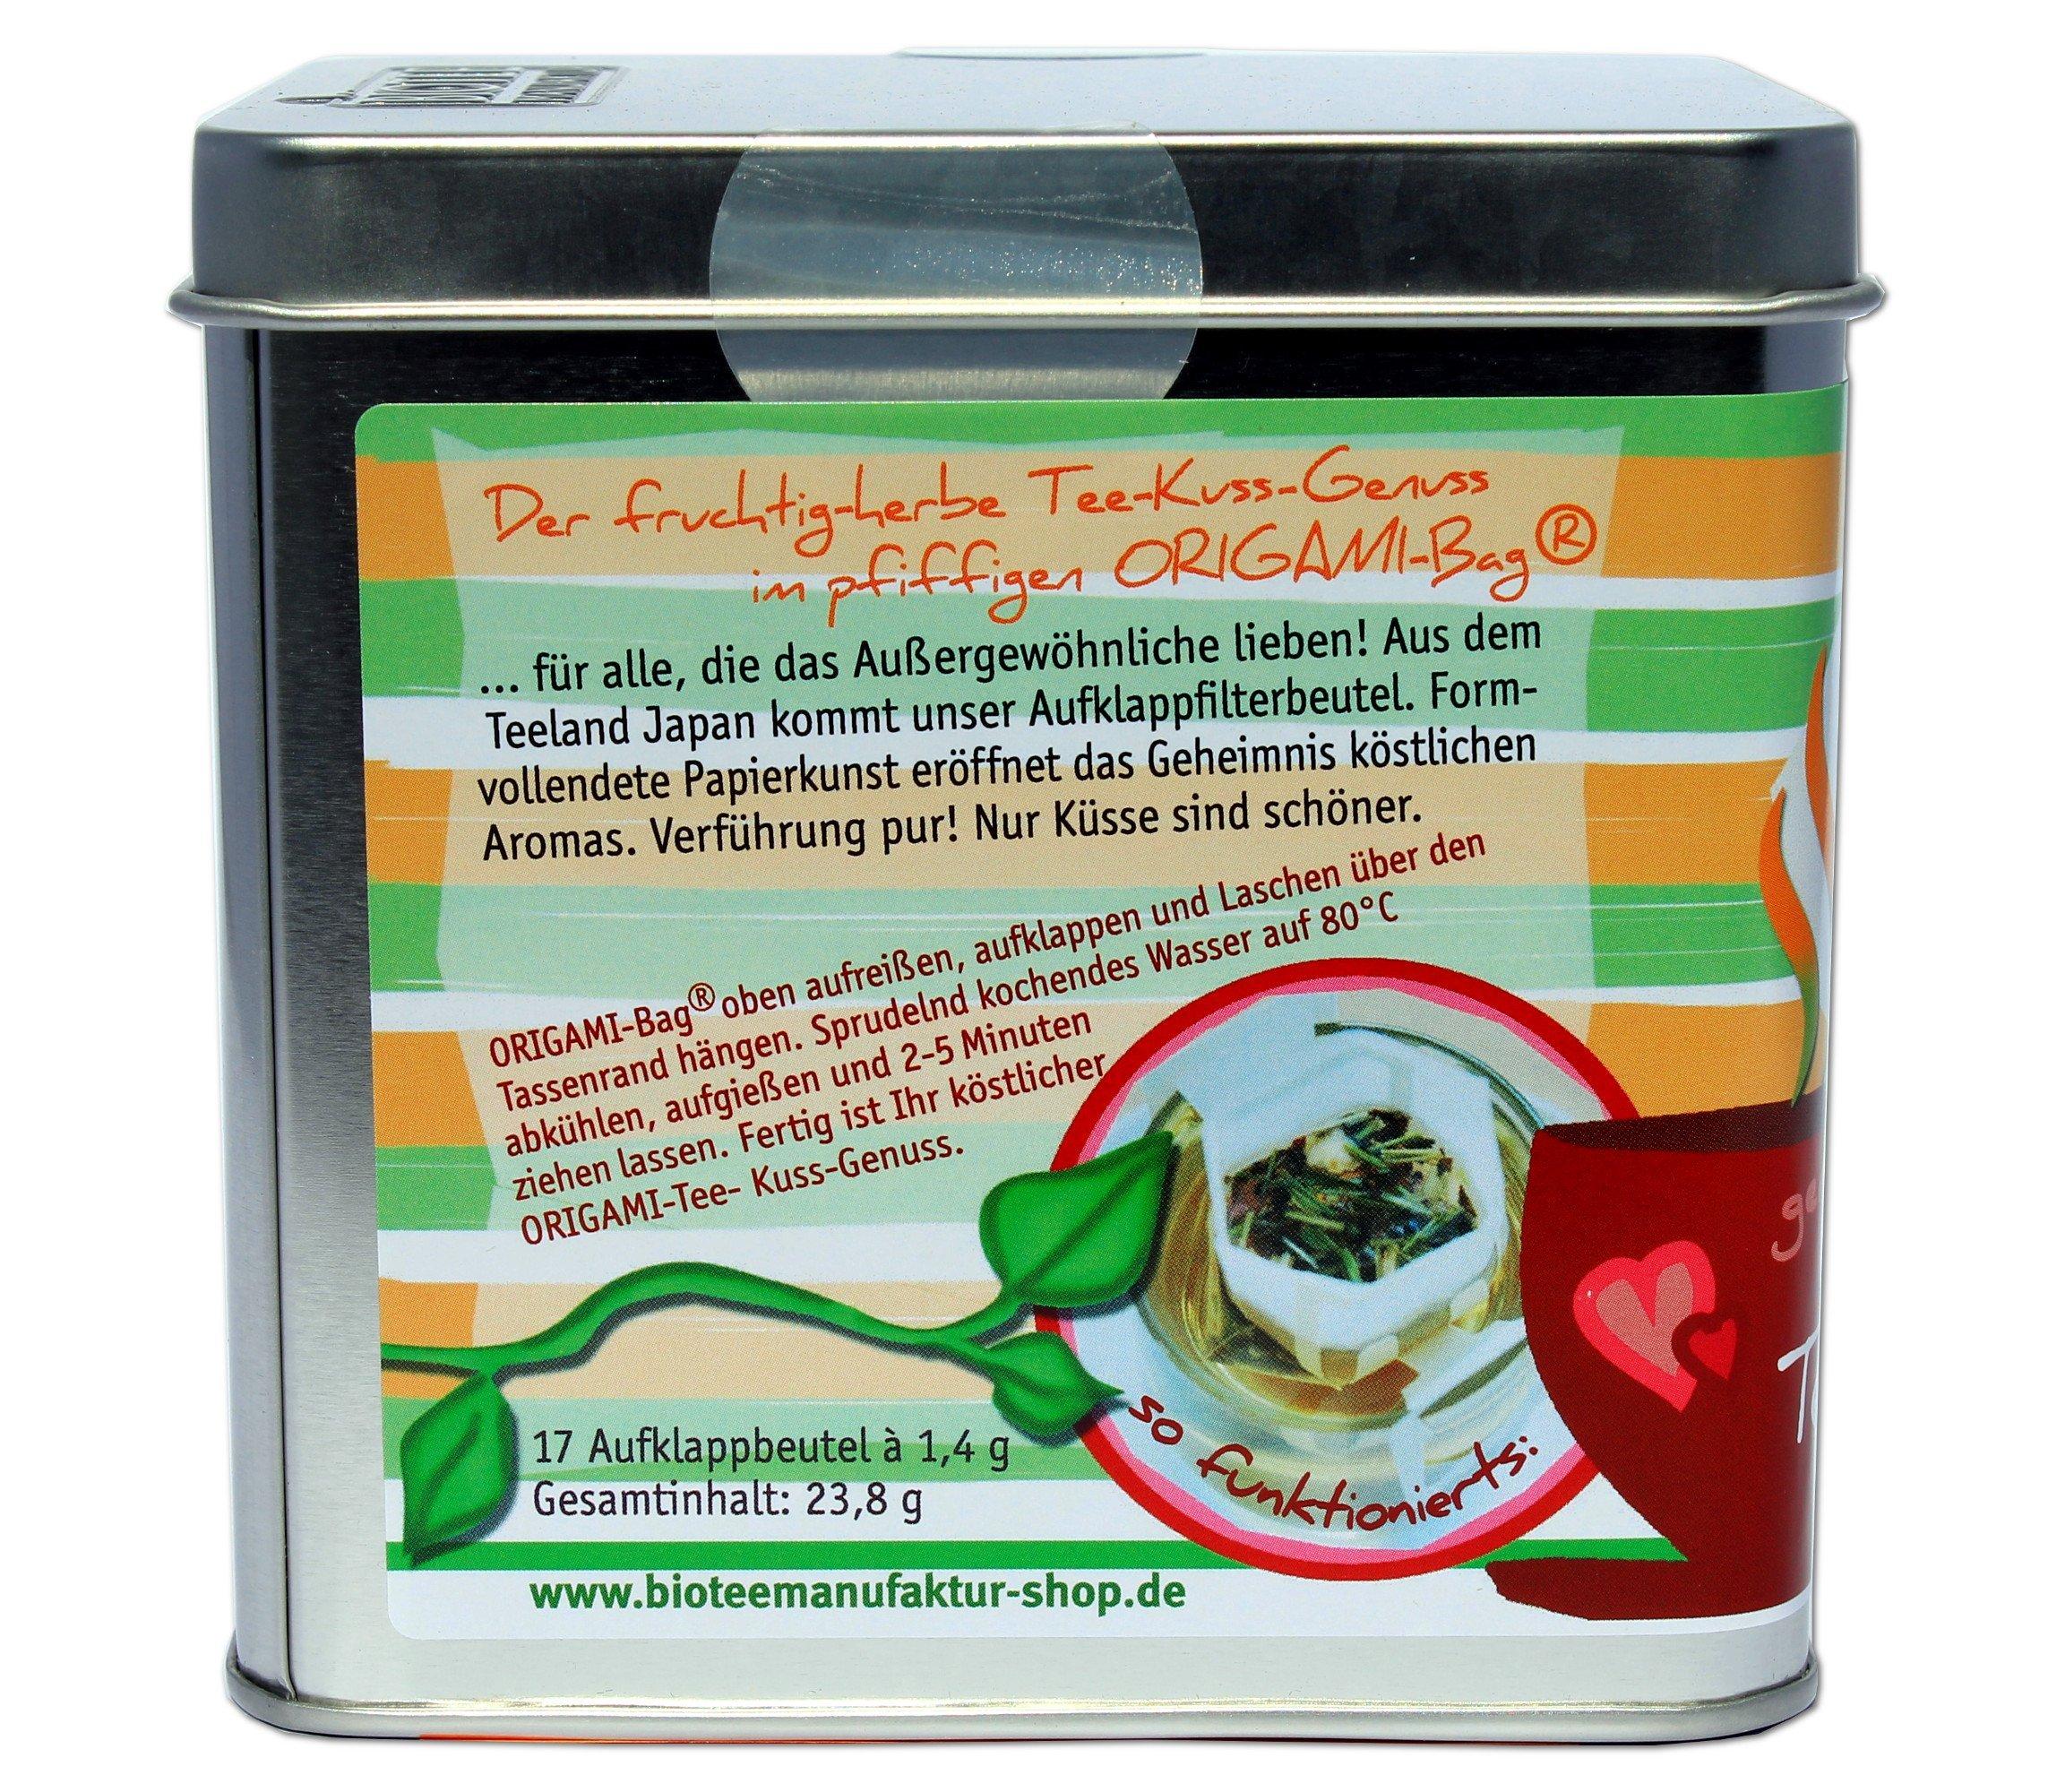 Mango-ksst-Grntee-Bio-Grner-Tee-im-Origamibag-duftende-Mango-trifft-auf-aromatischen-Grntee-100-BIO